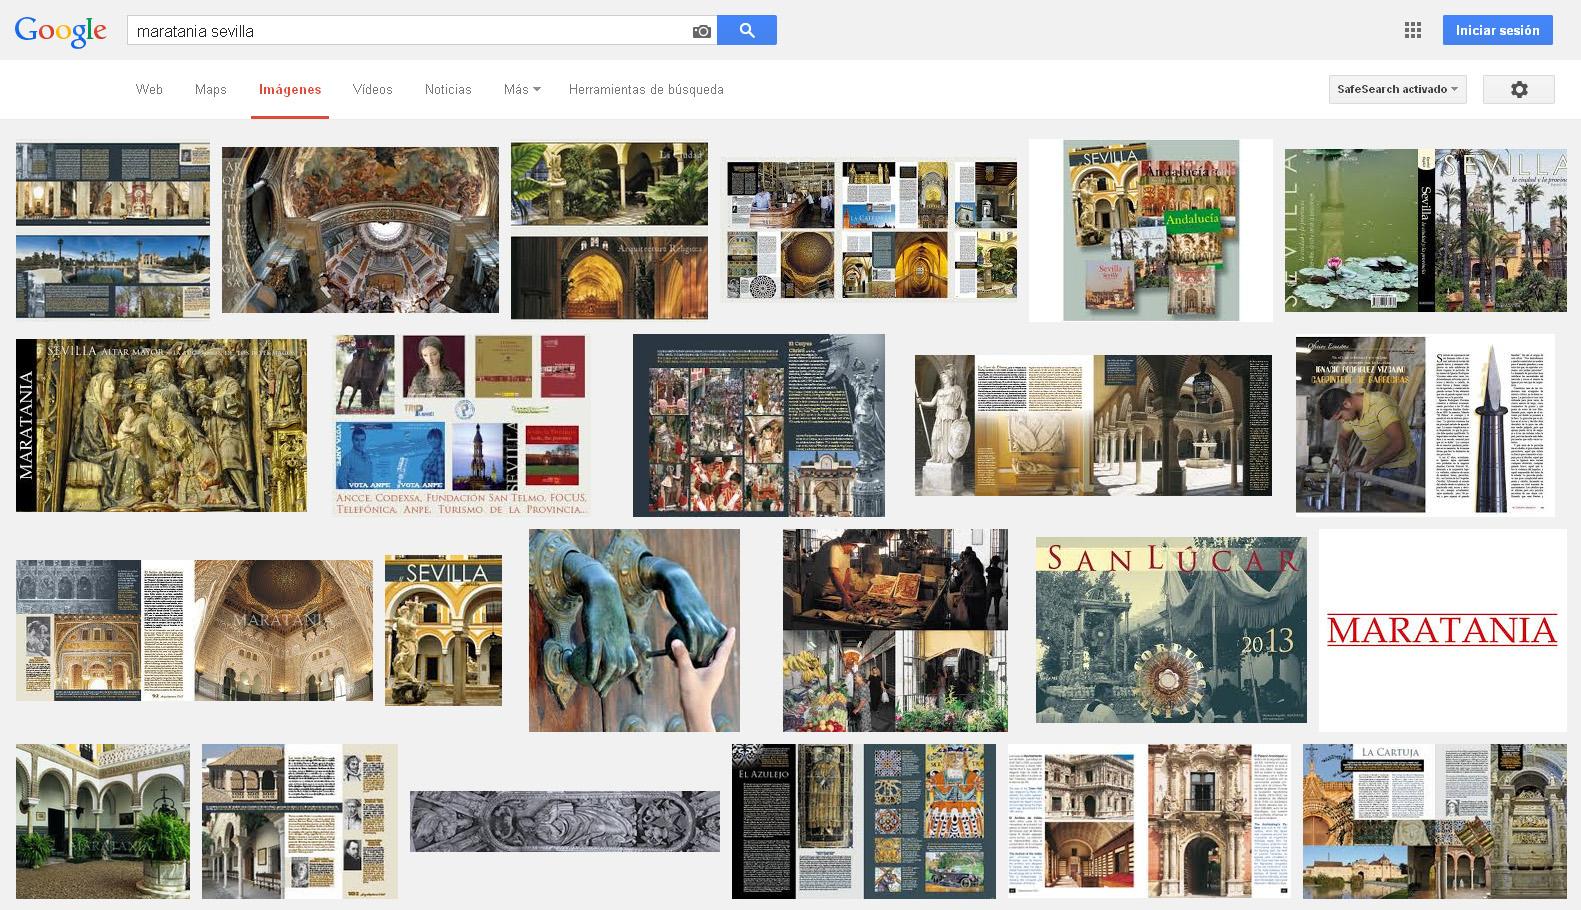 maratania sevilla google